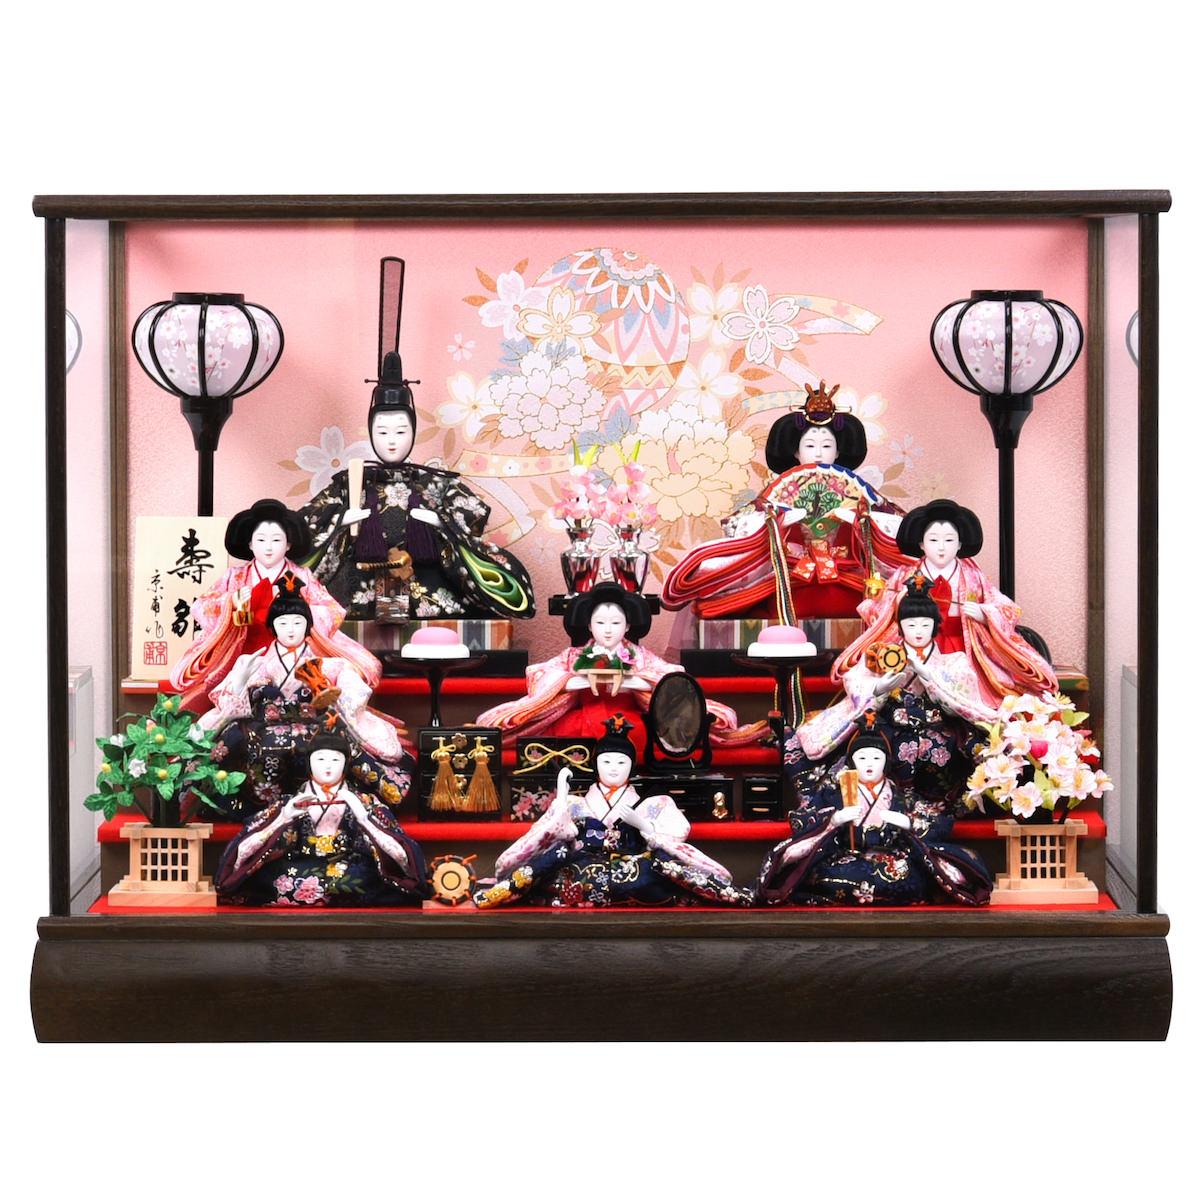 雛人形 芥子 ケース入十人飾り 五人囃子 京屋 送料無料